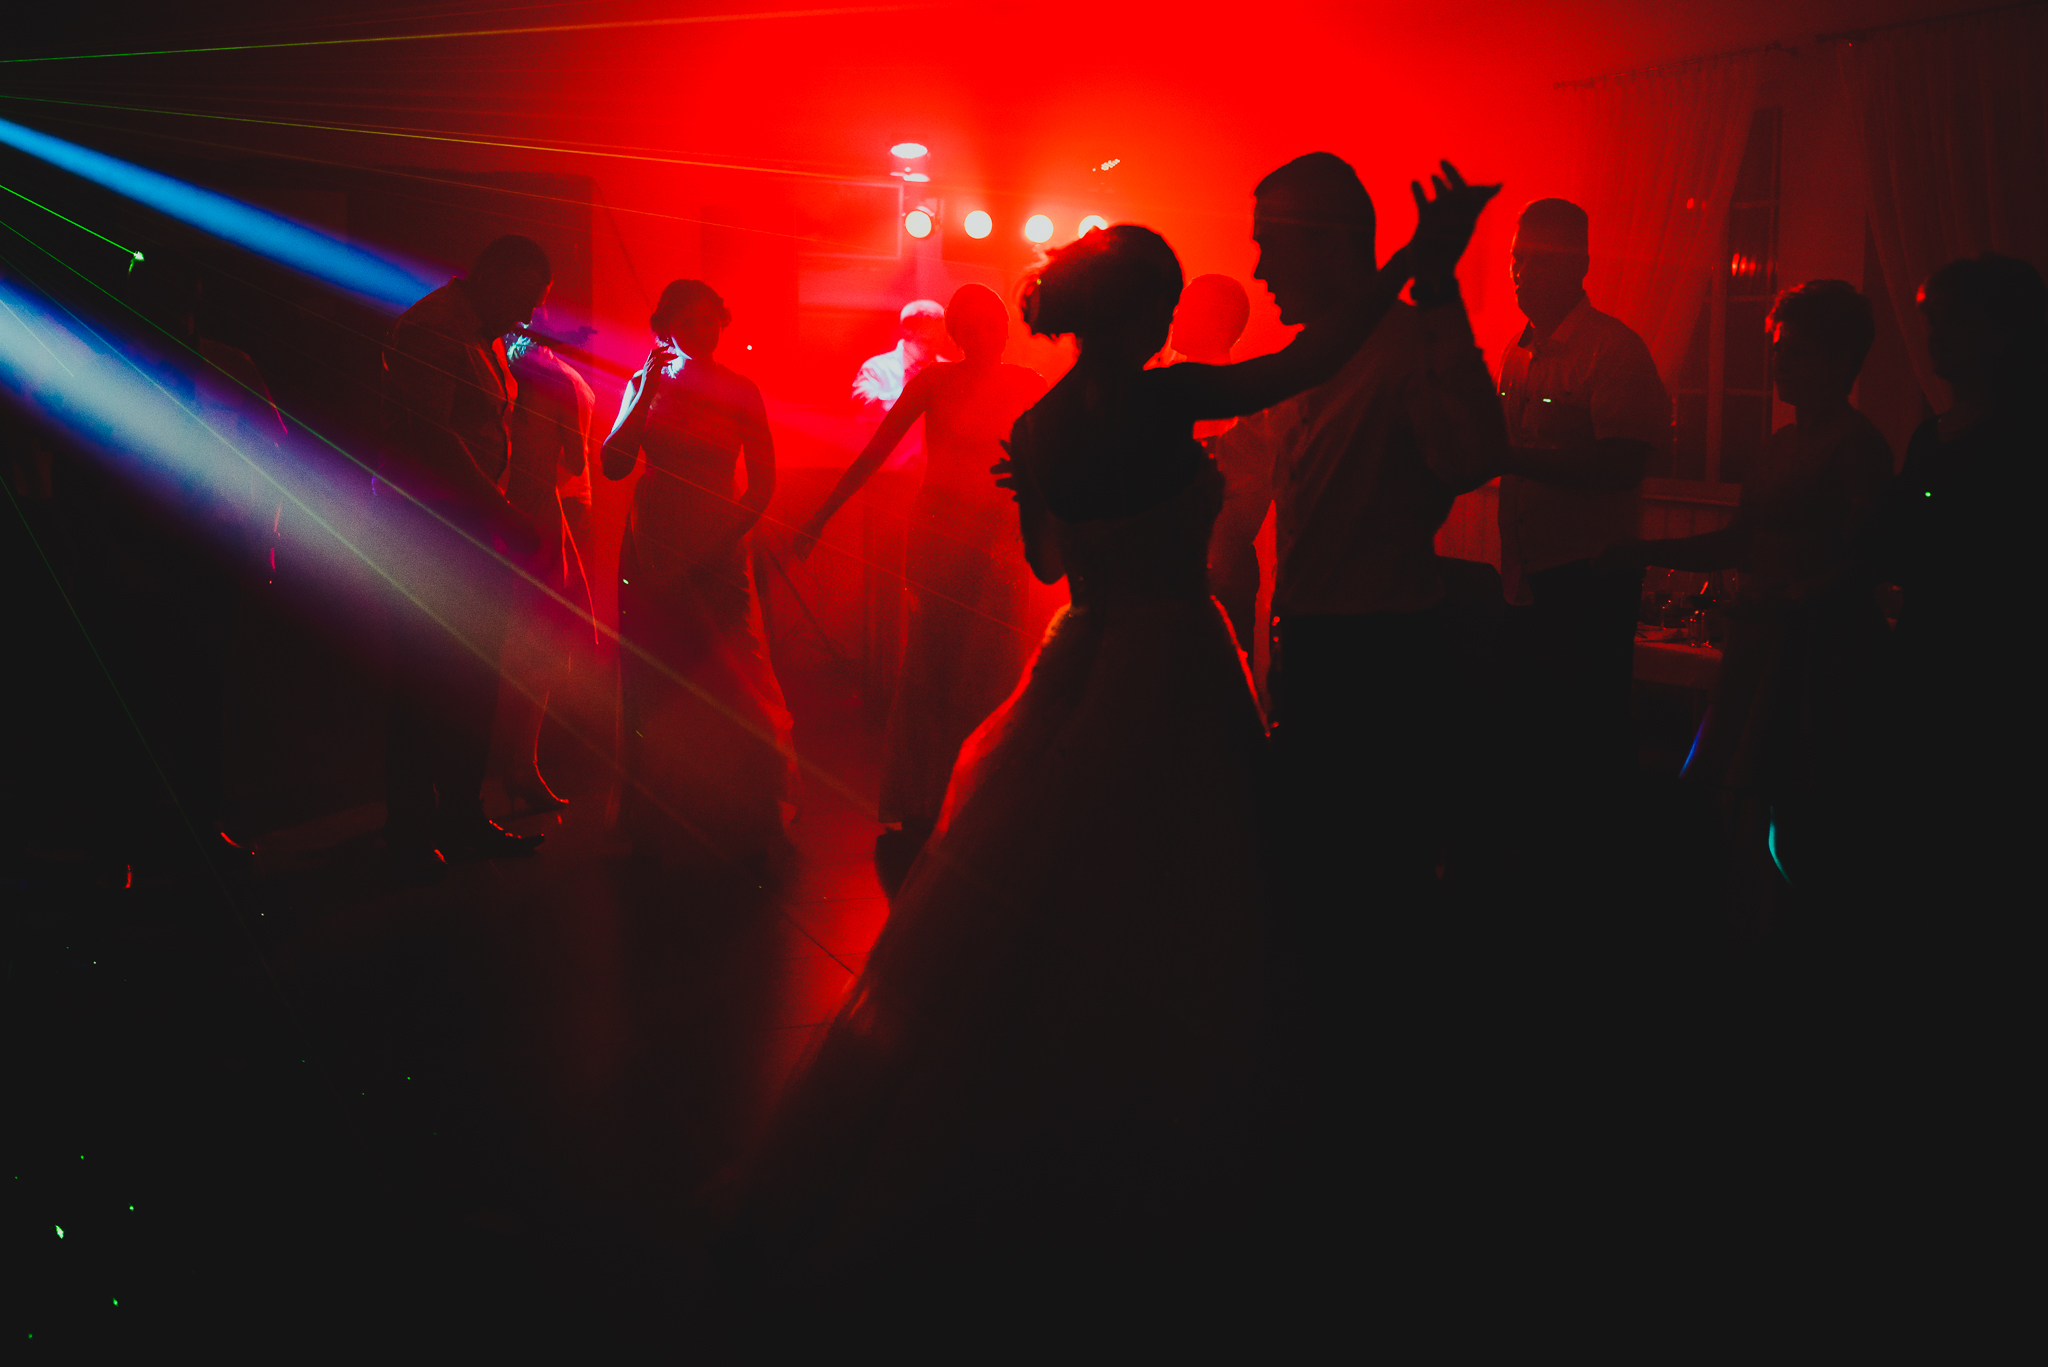 Jaunavedžių šokis